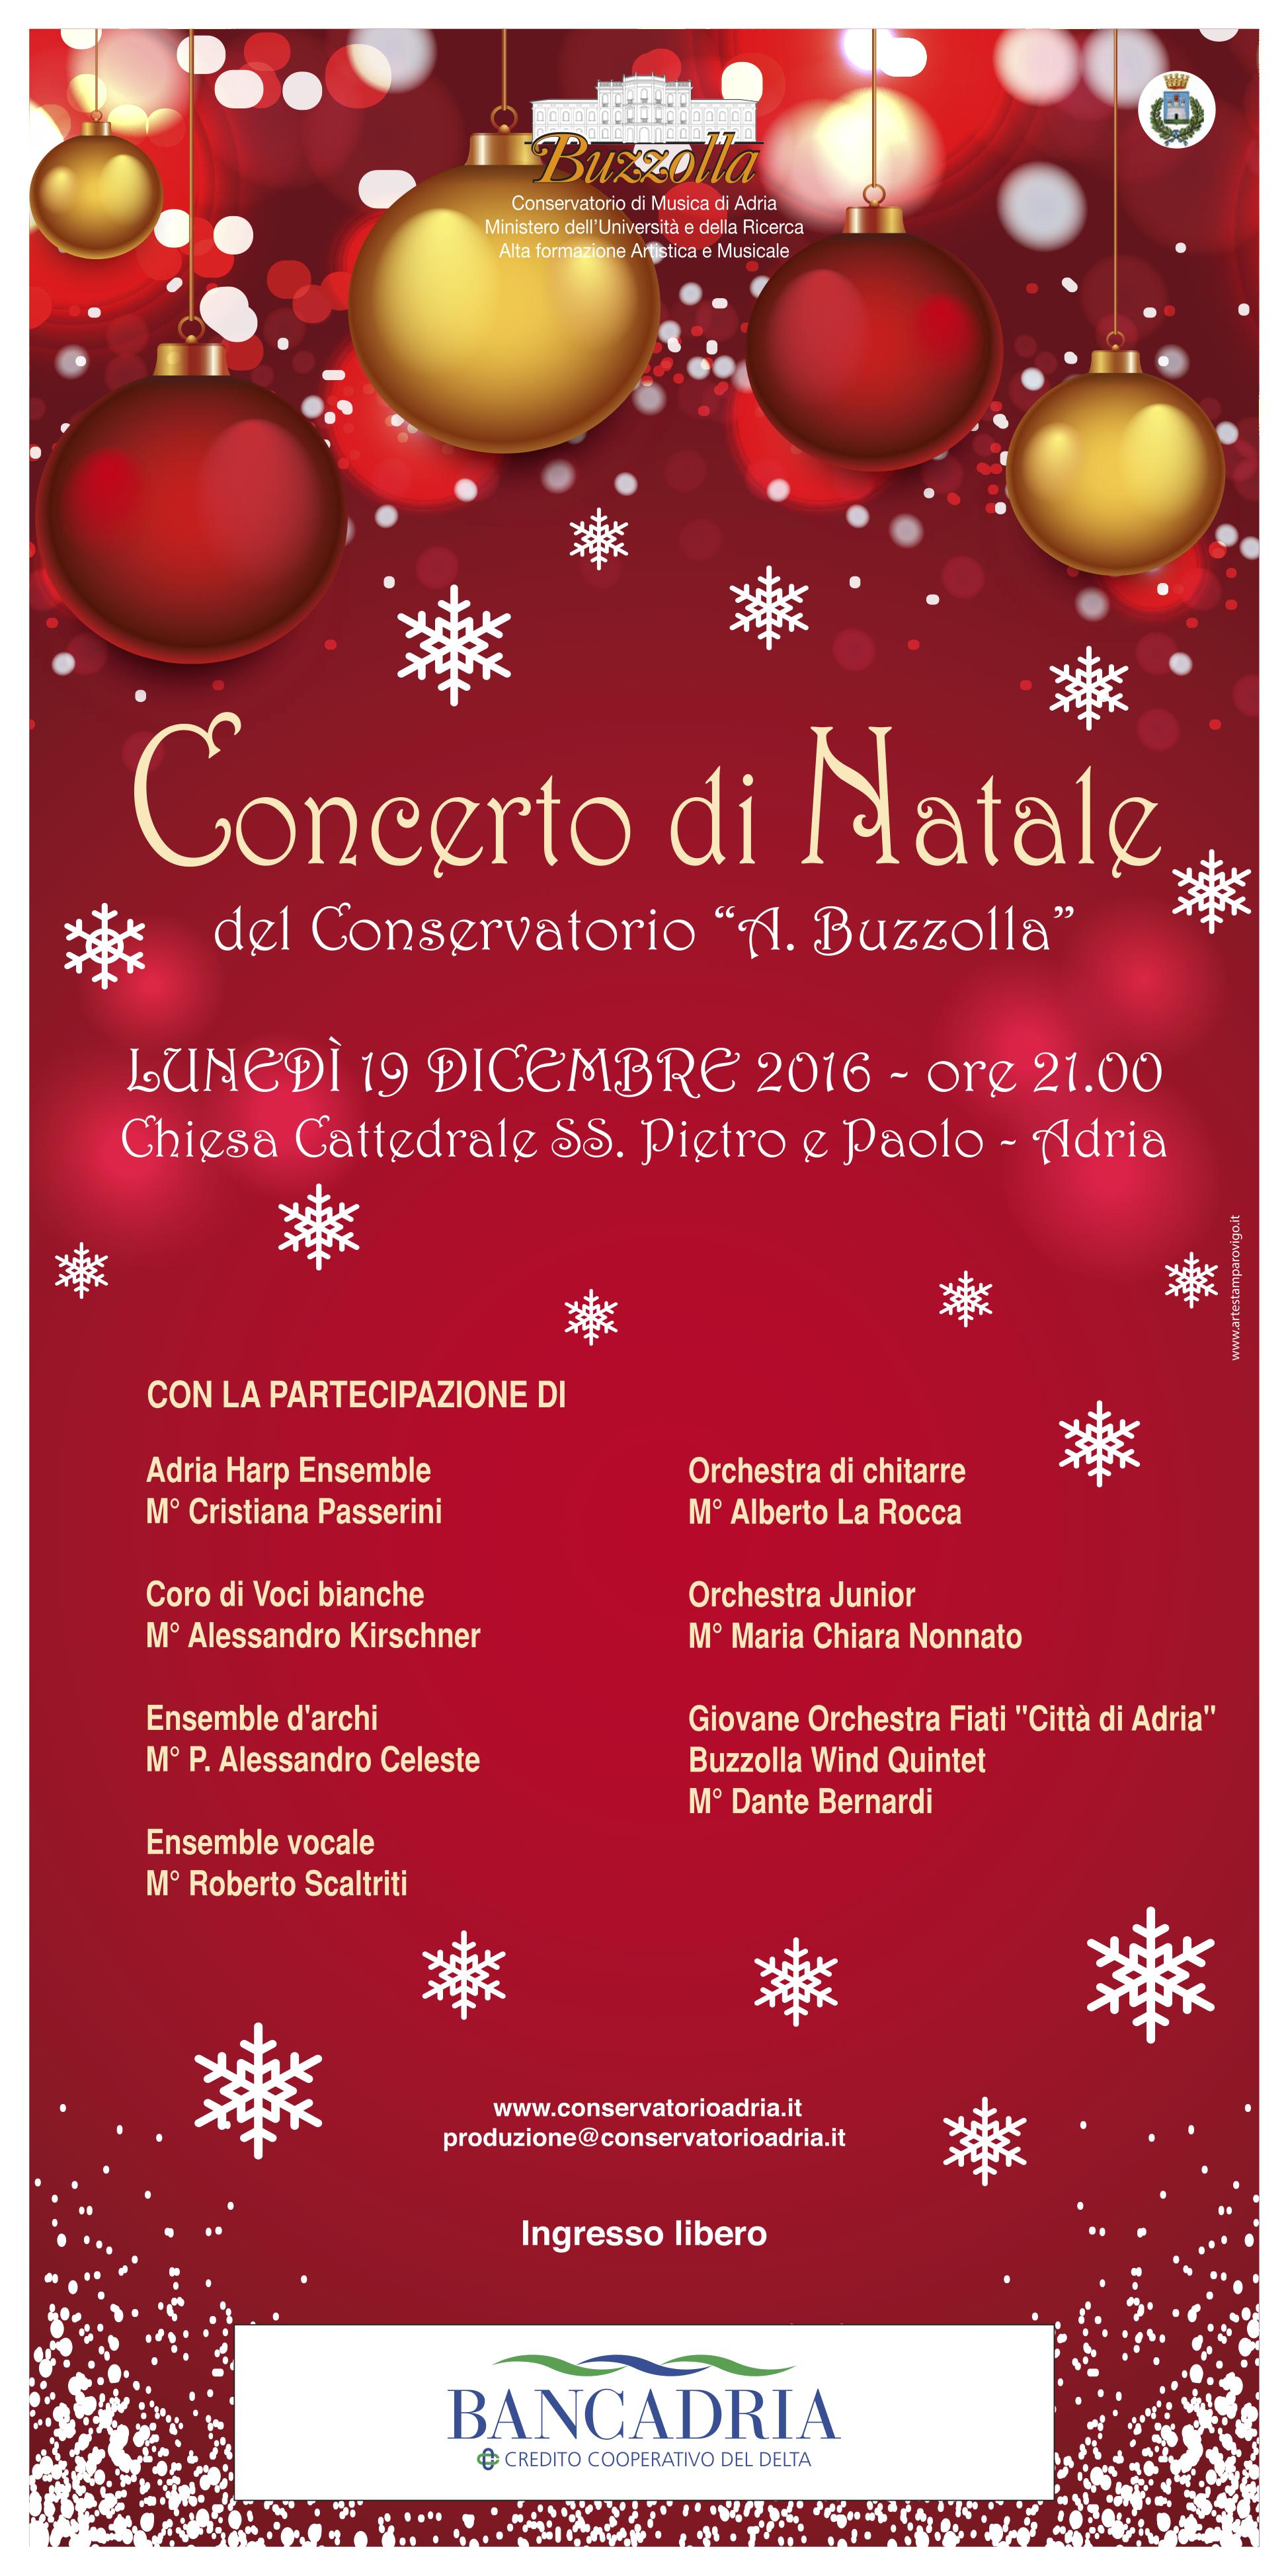 Concerto di Natale 2016, 19 Dicembre ore 21.00